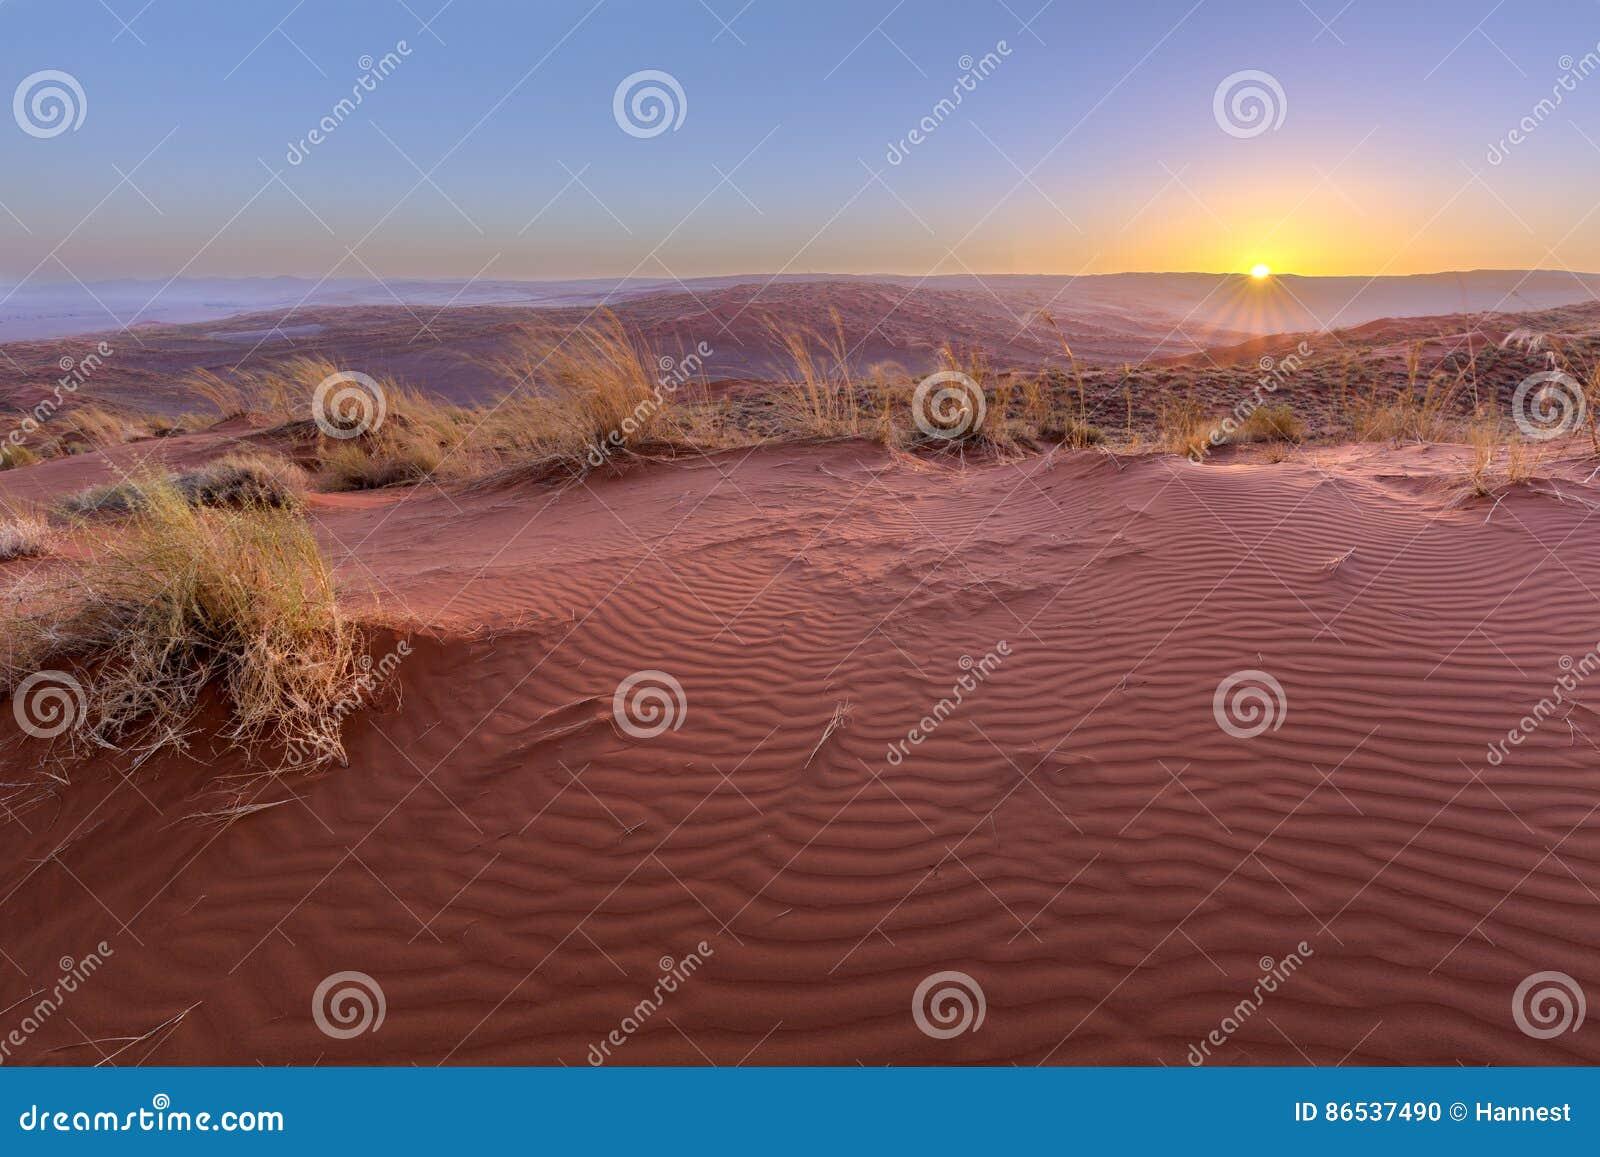 Solnedgång på dyn